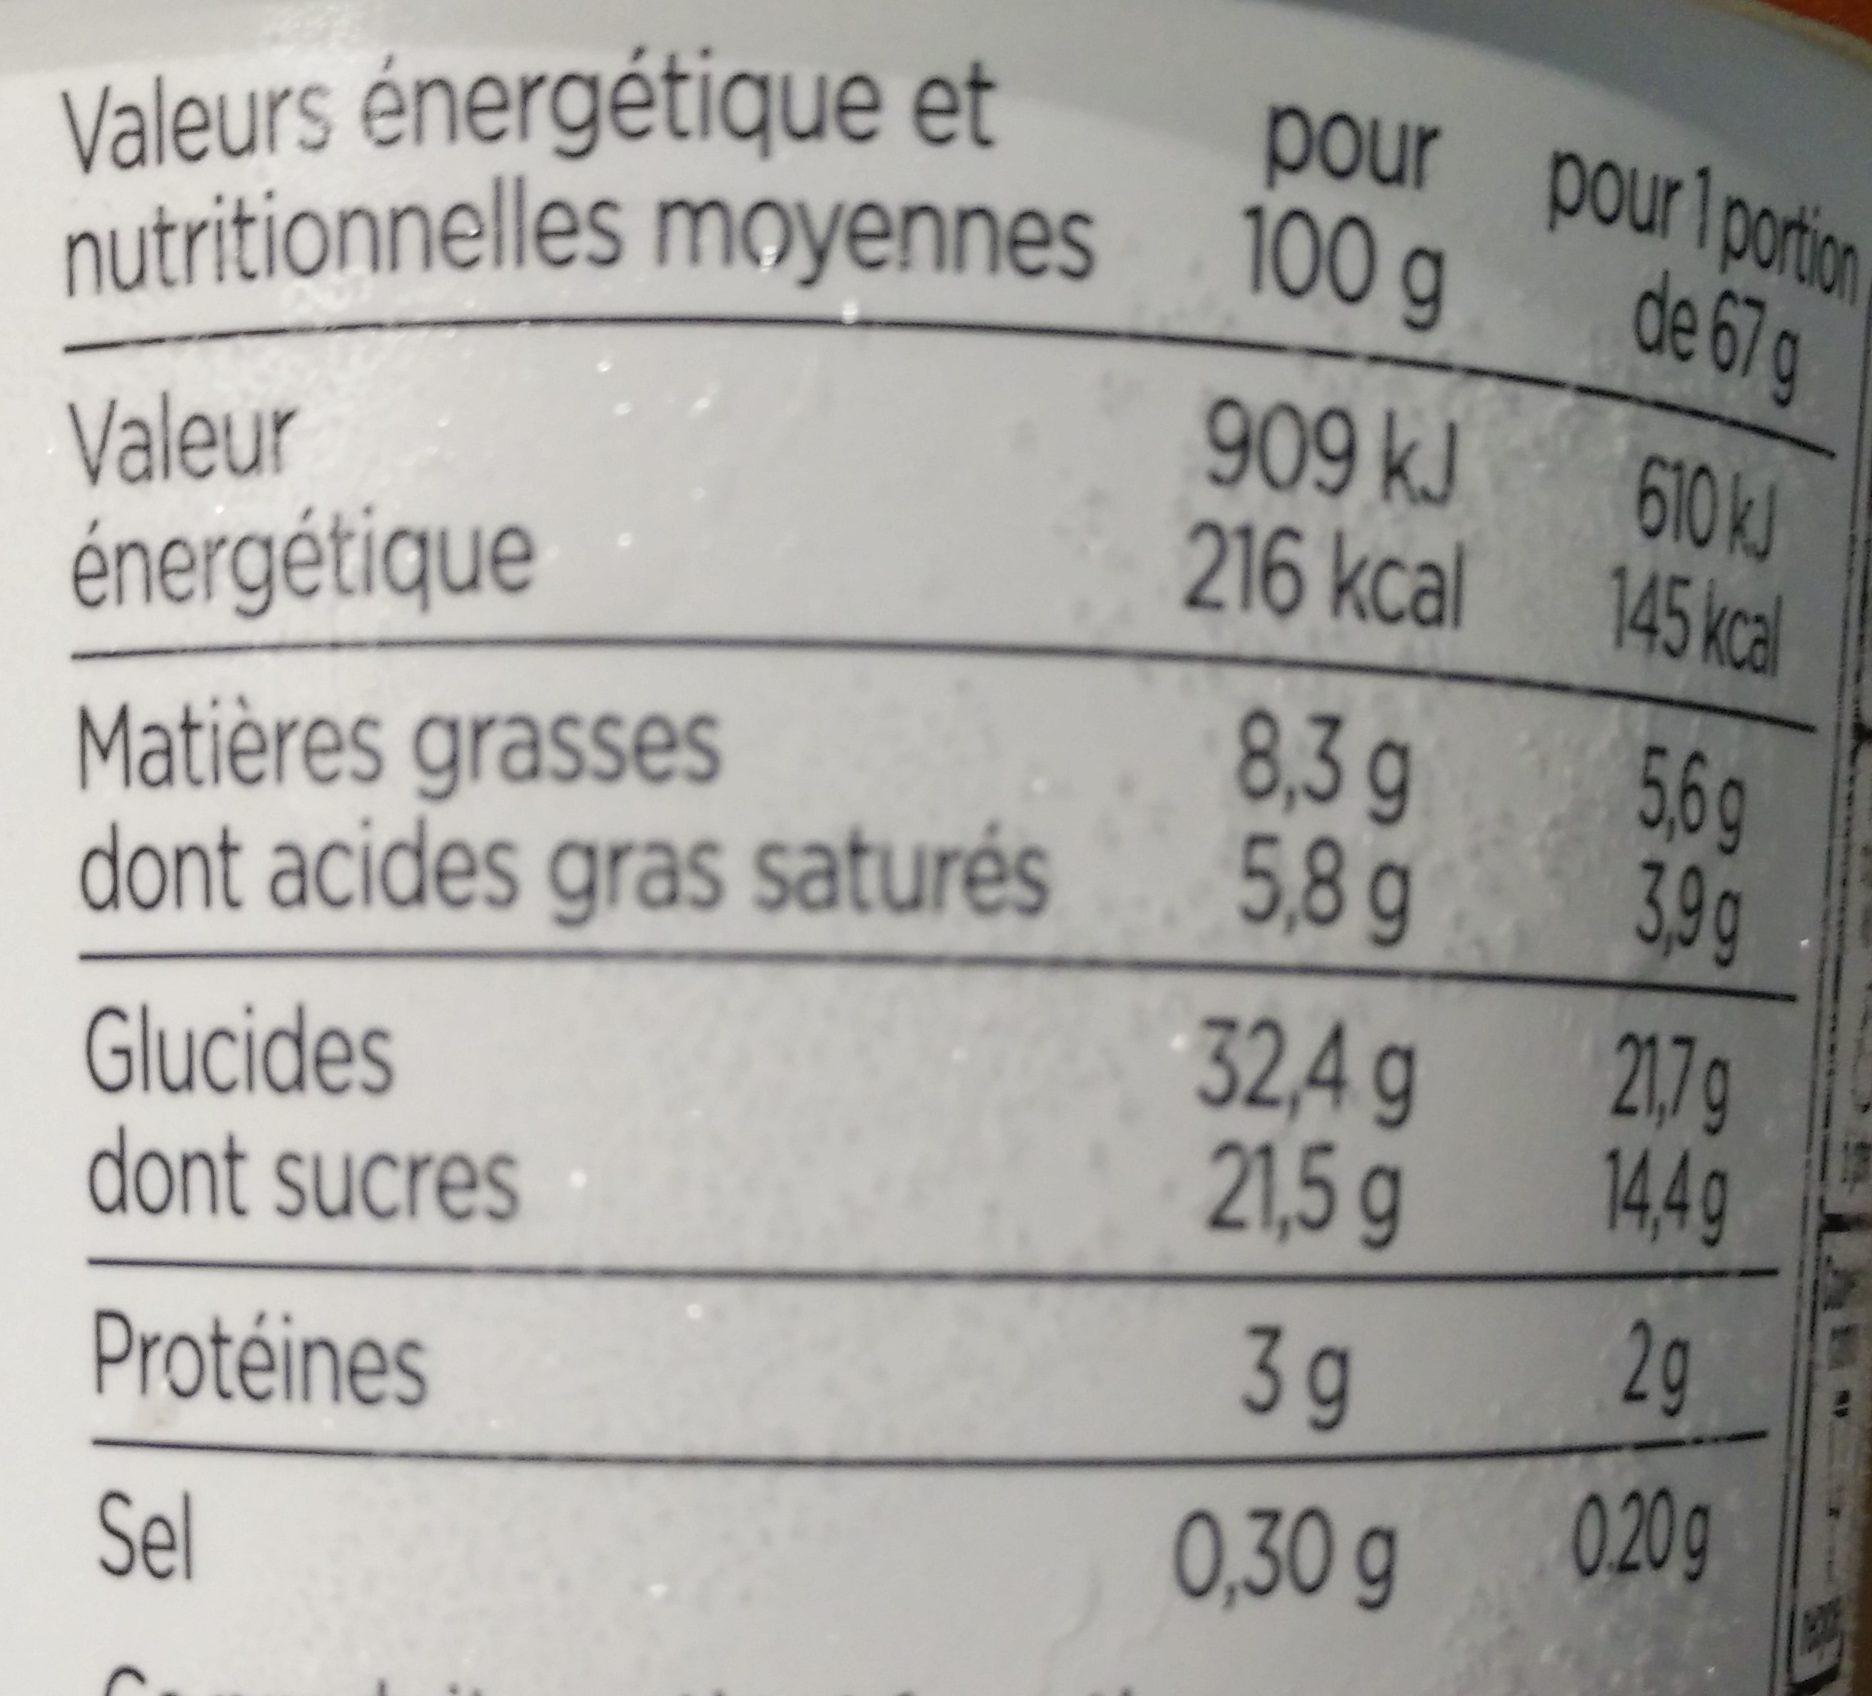 Crème Glacée Caramel, Sauce Caramel Beurre Salé et Éclats de Caramel - Nutrition facts